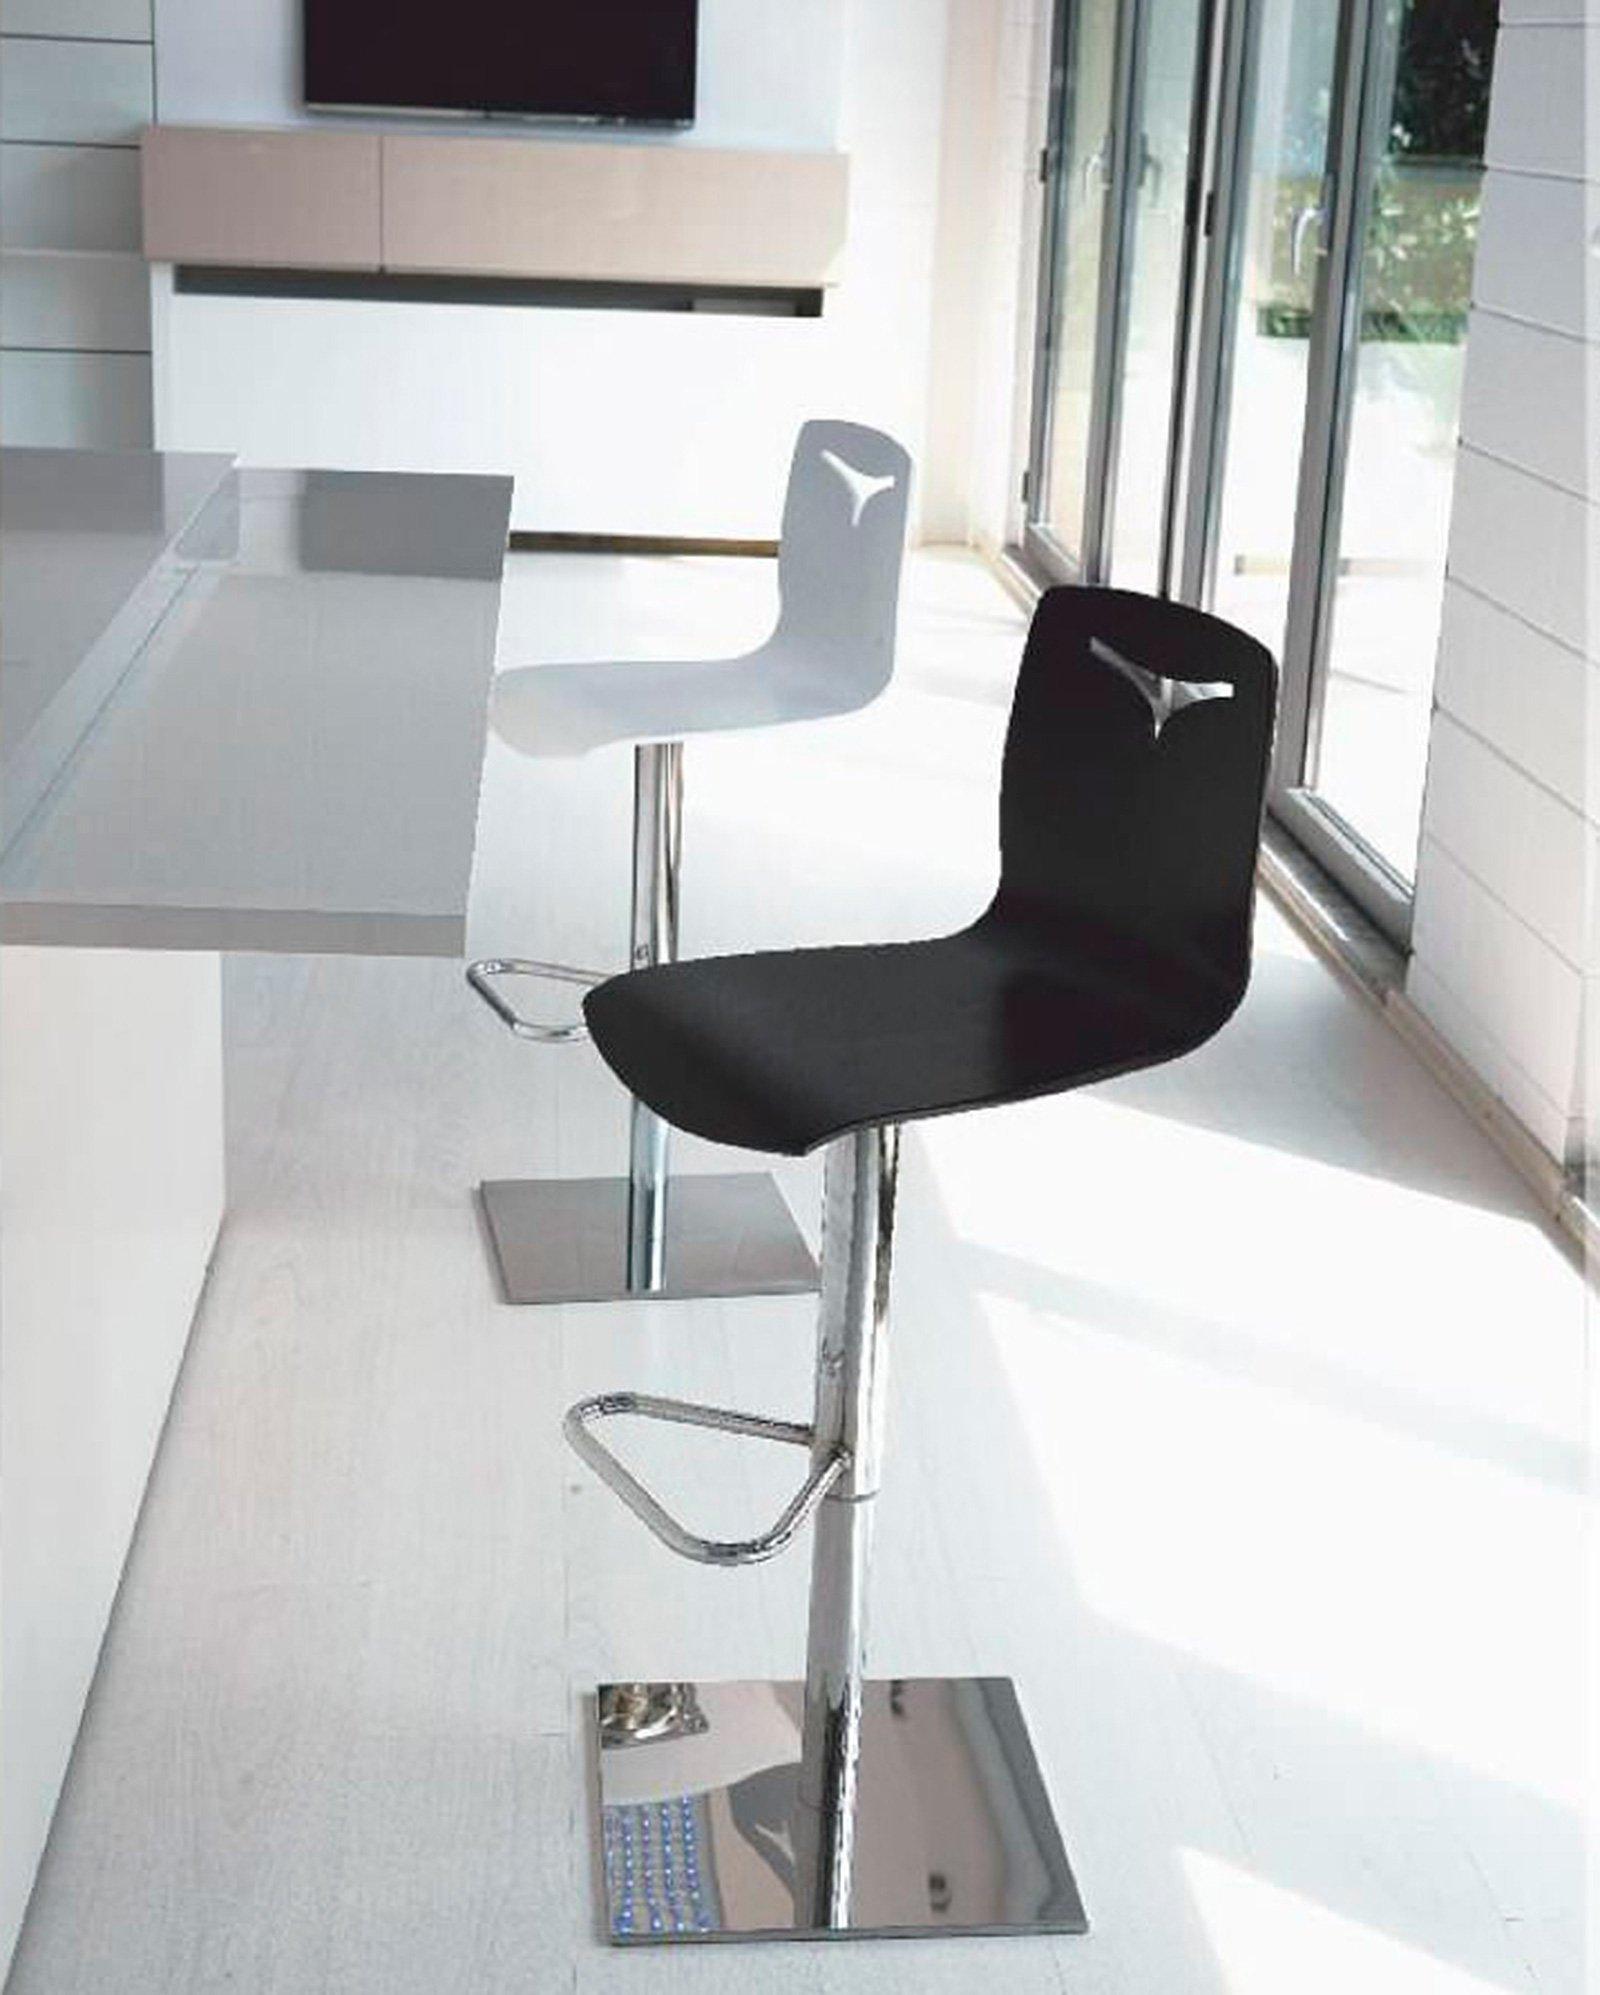 Sgabelli per cucina elegant cool sgabelli moderni per - Sgabelli moderni per cucina ...